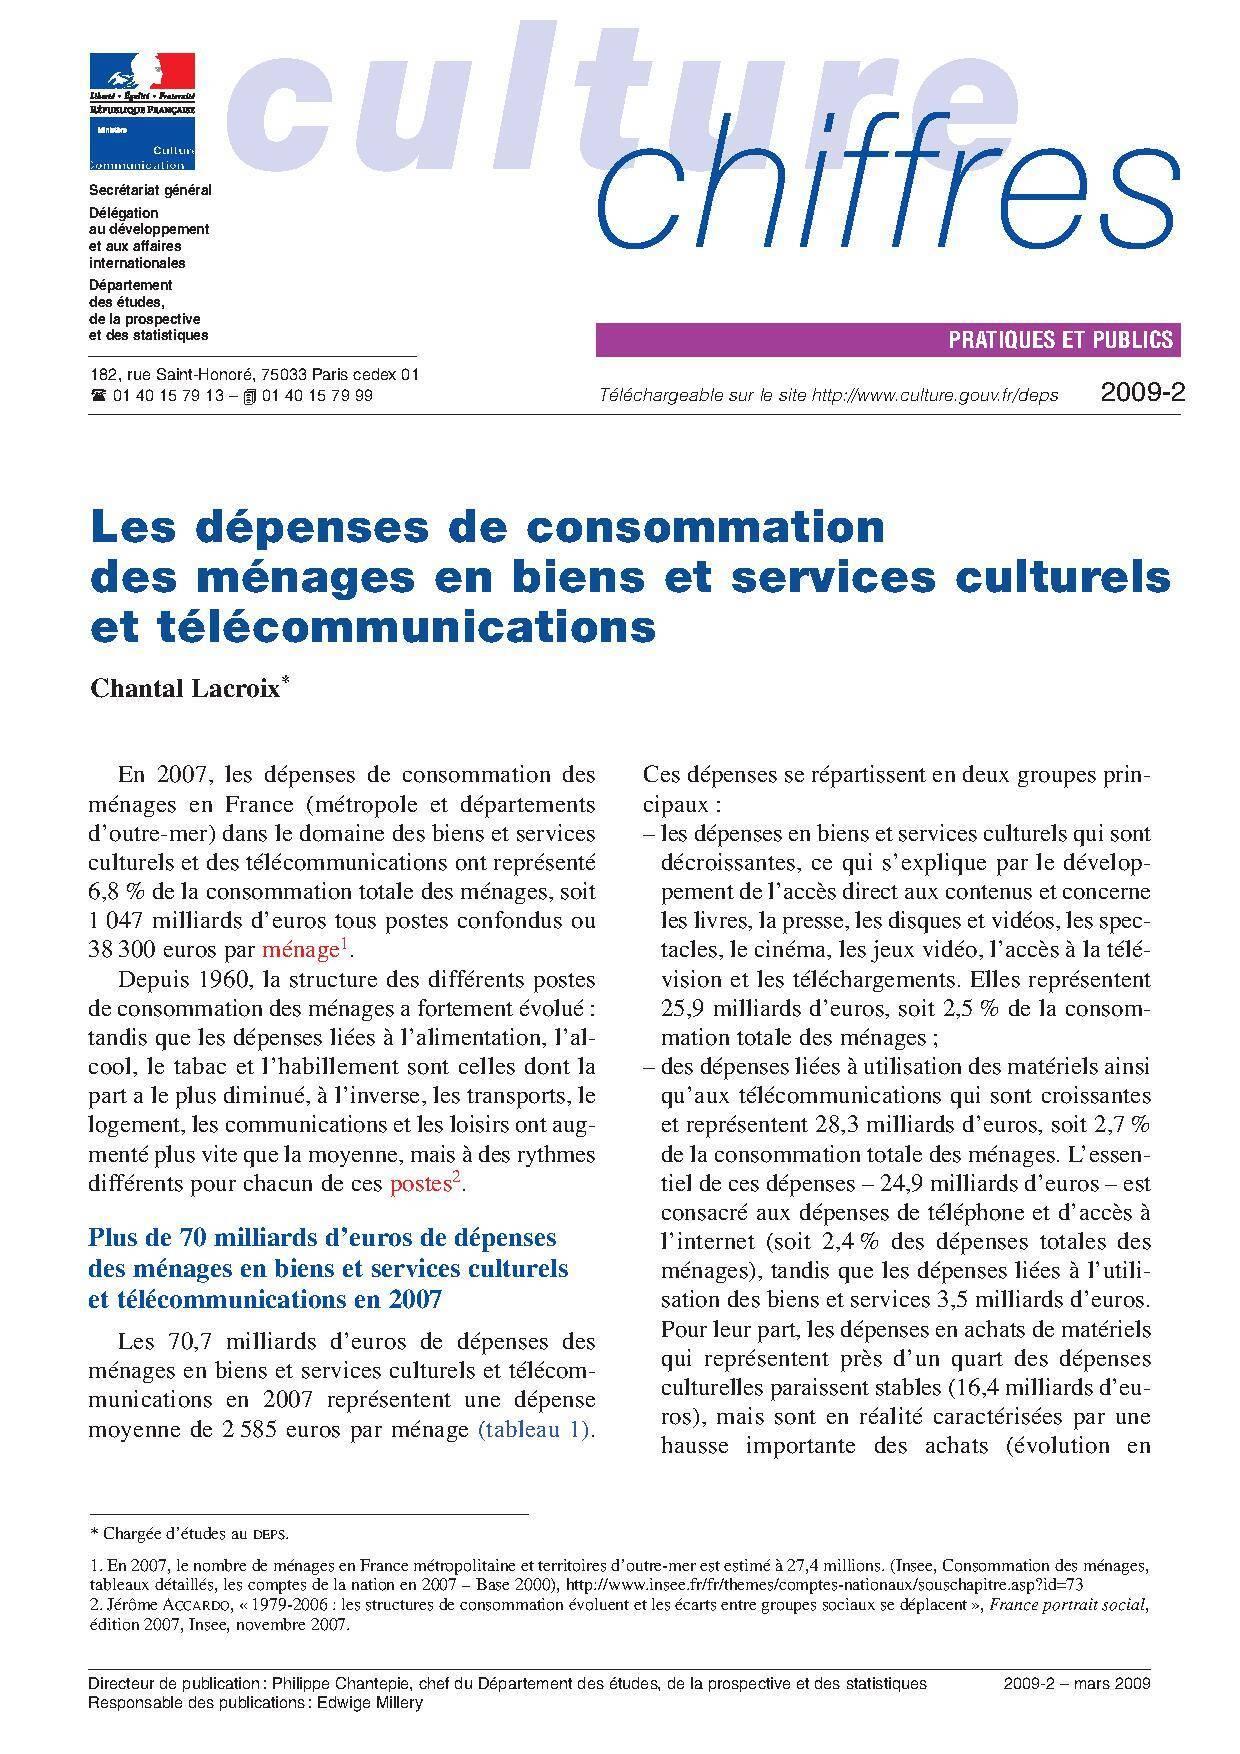 Les dépenses des ménages en biens et consommations culturelles et télécommunications